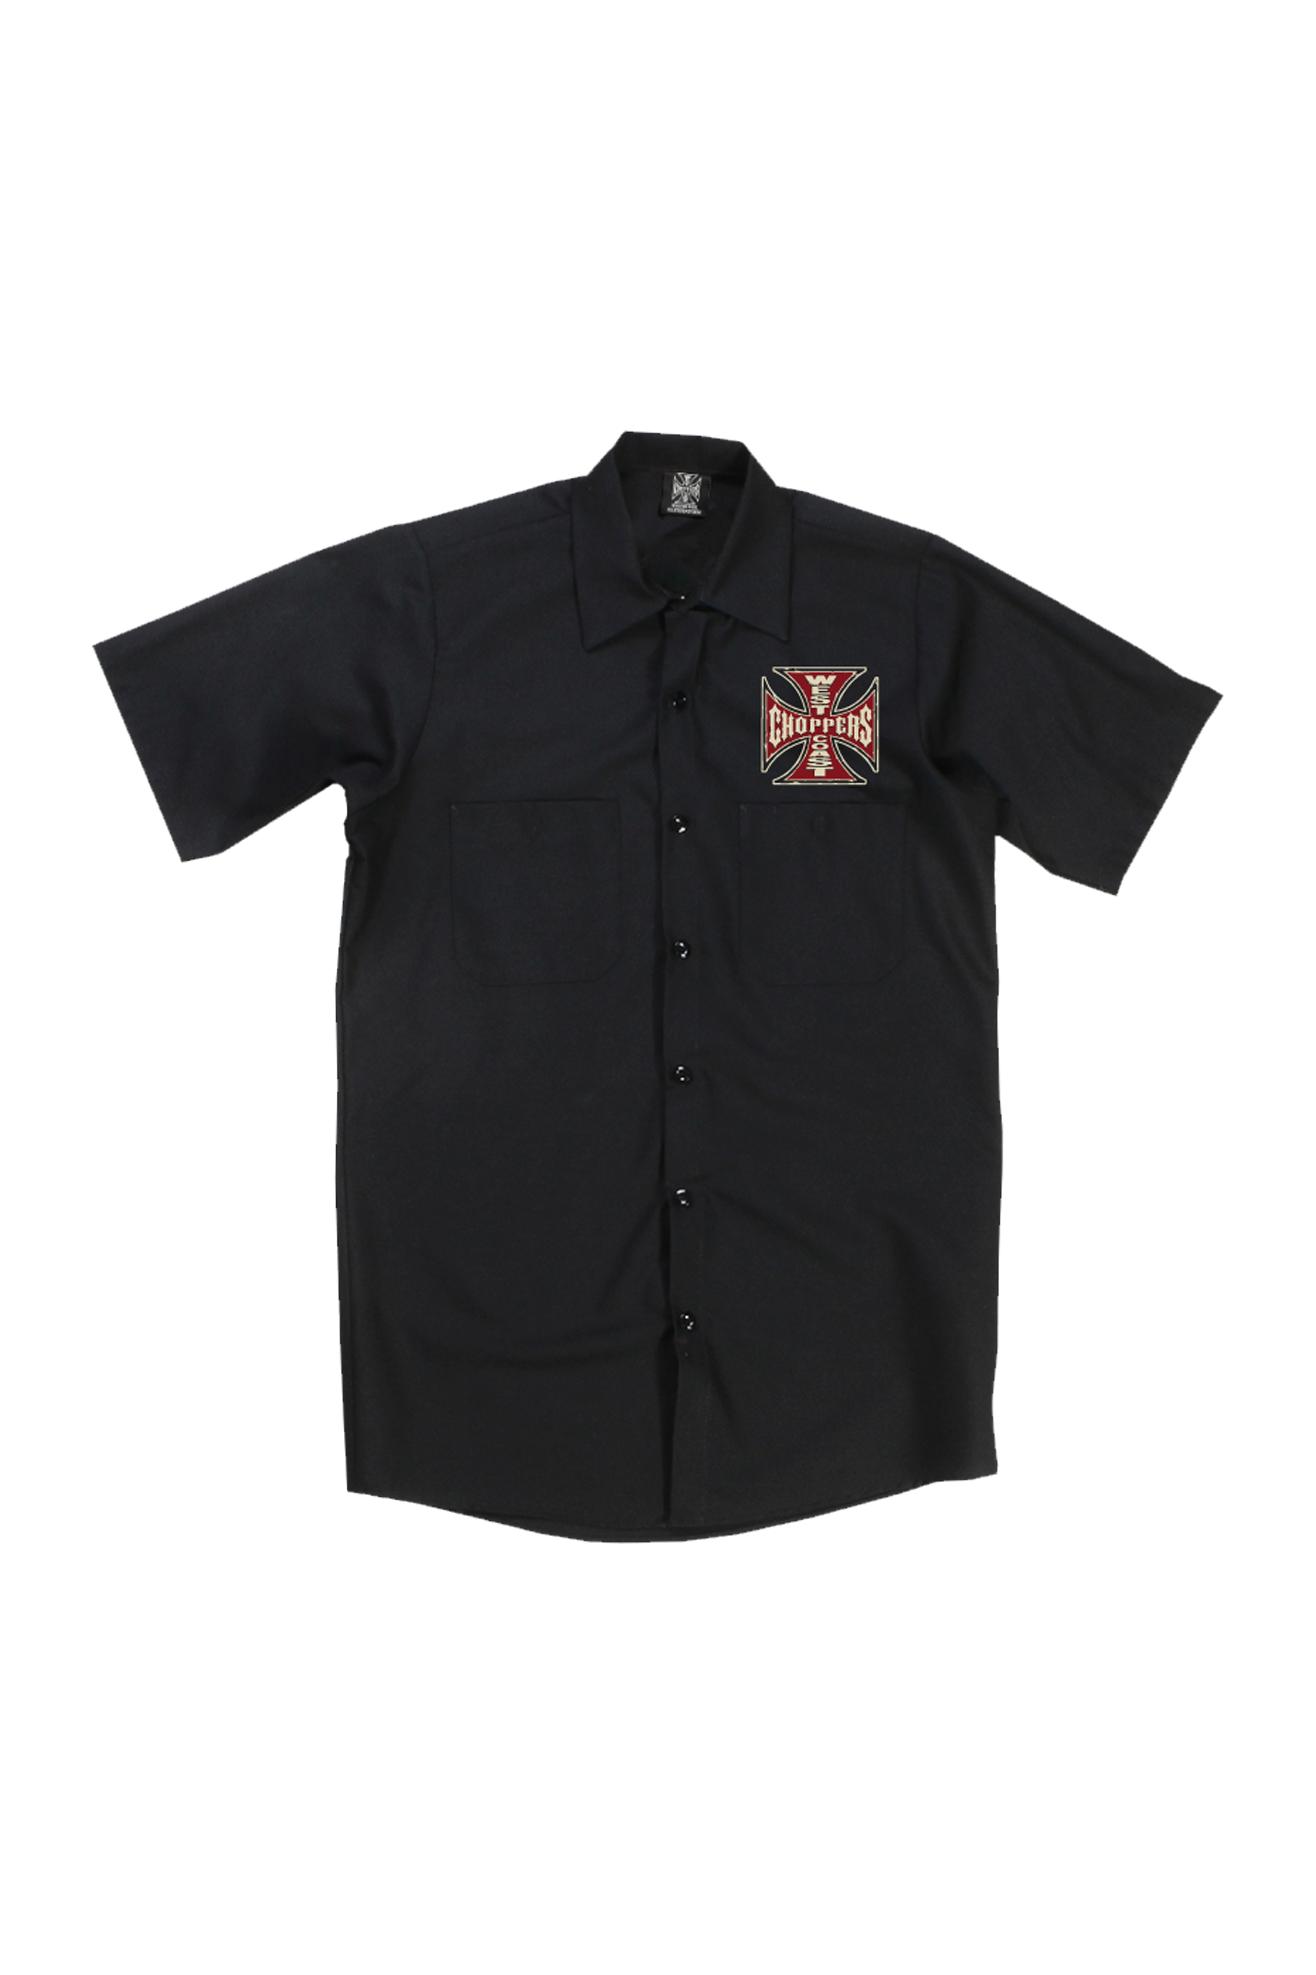 West Coast Choppers Camisa de Trabajo  Motorcycle CO. Negra